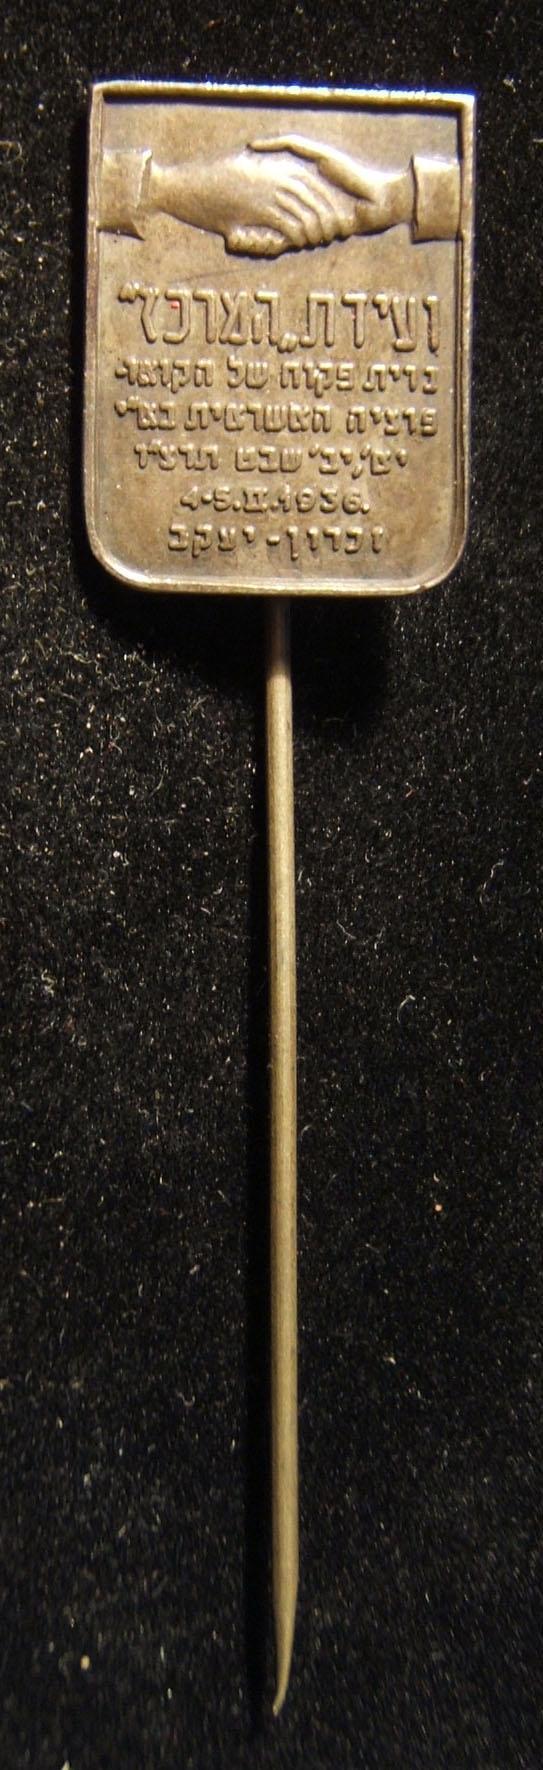 Palästina/Jischuw: Kreditgenossenschaft Kongress Stift, 1936; silber; benannt; kein Hersteller gekennzeichnet; Größe: 16 x 70 mm; Gewicht: 4,8 g. Vorderseite: schüttelnde Hände m.